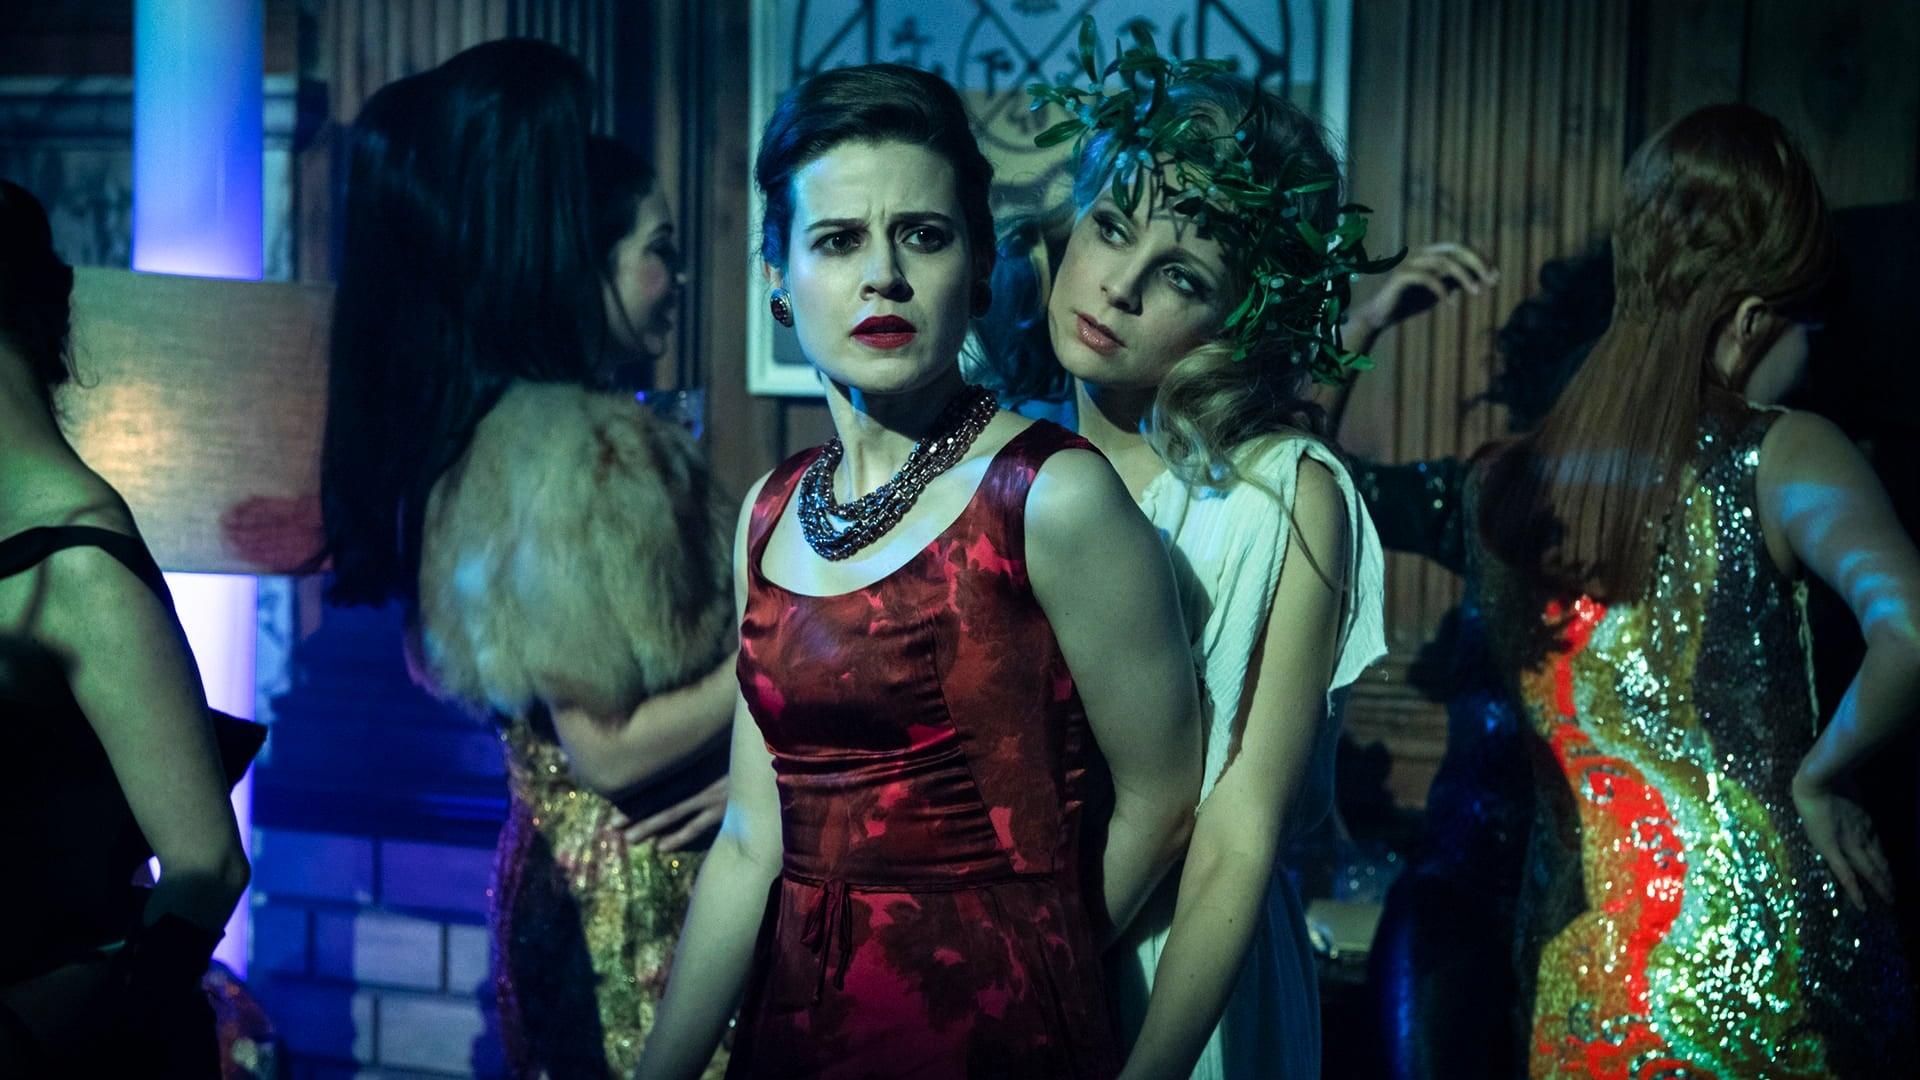 Pennyworth - Season 1 Episode 6 : Cilla Black